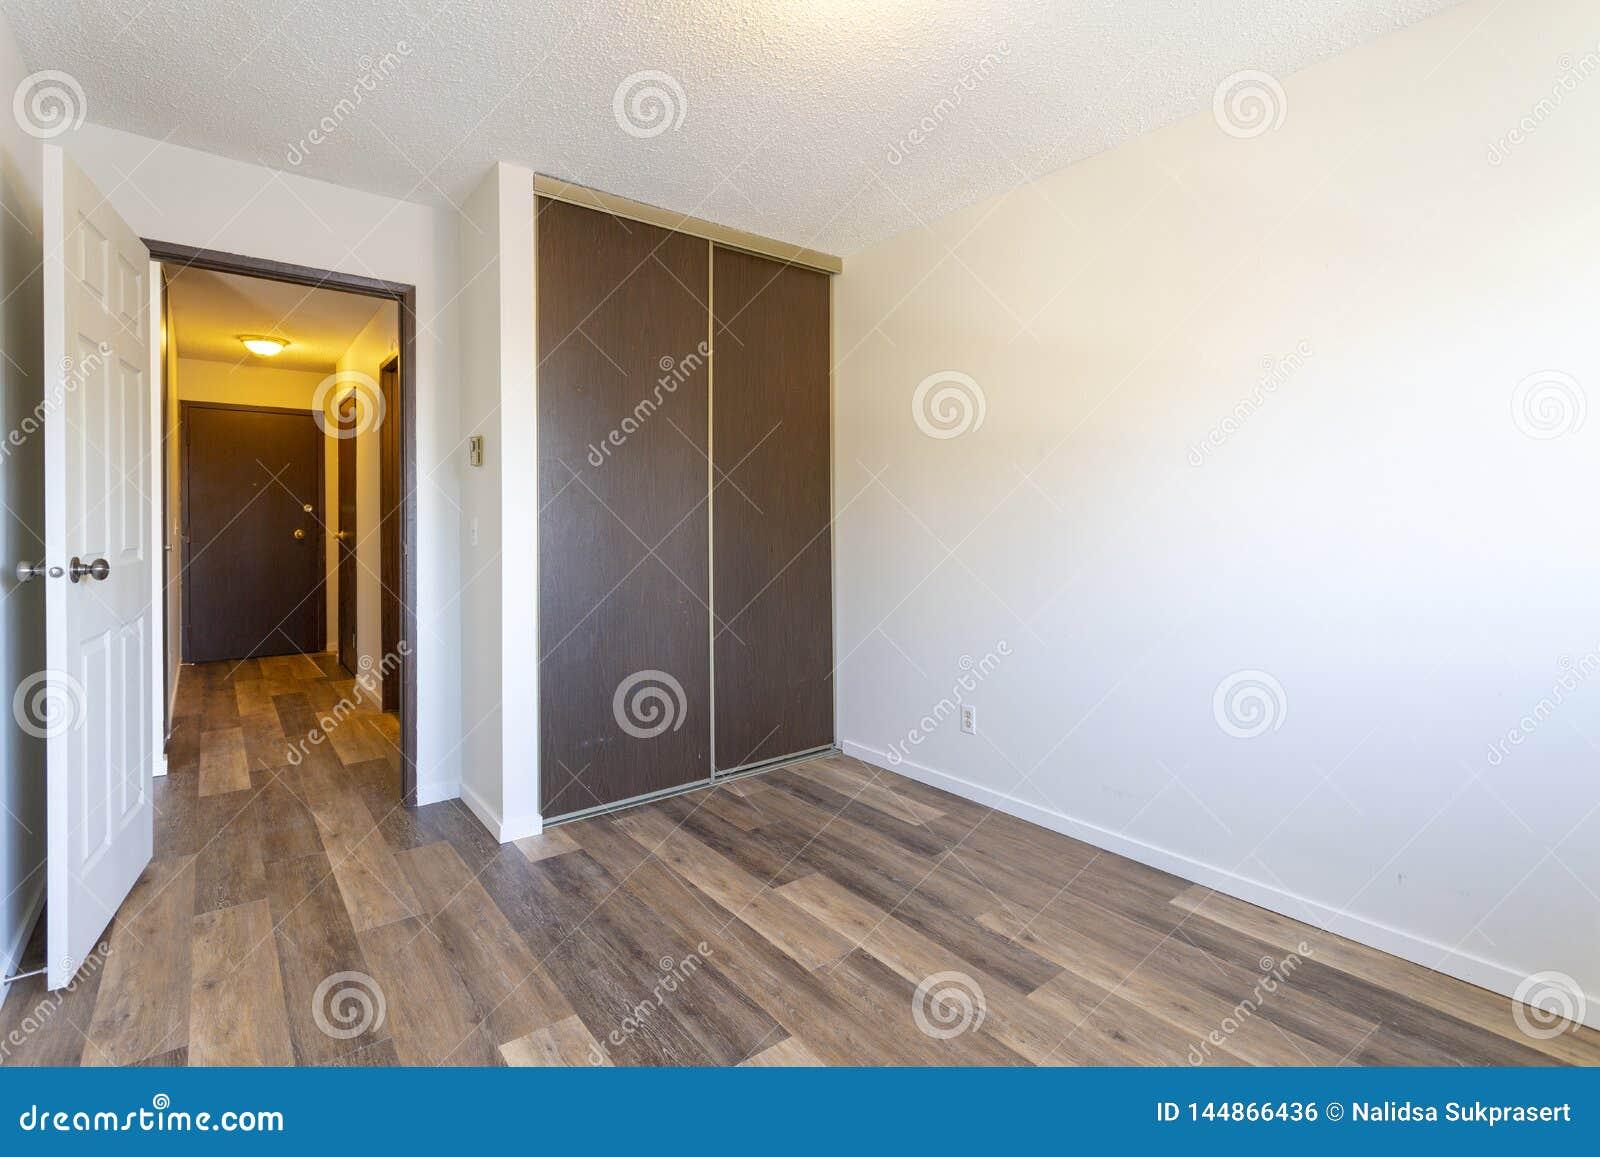 Pièce Vide Vide D Appartement Photo Stock Image Du Trappe